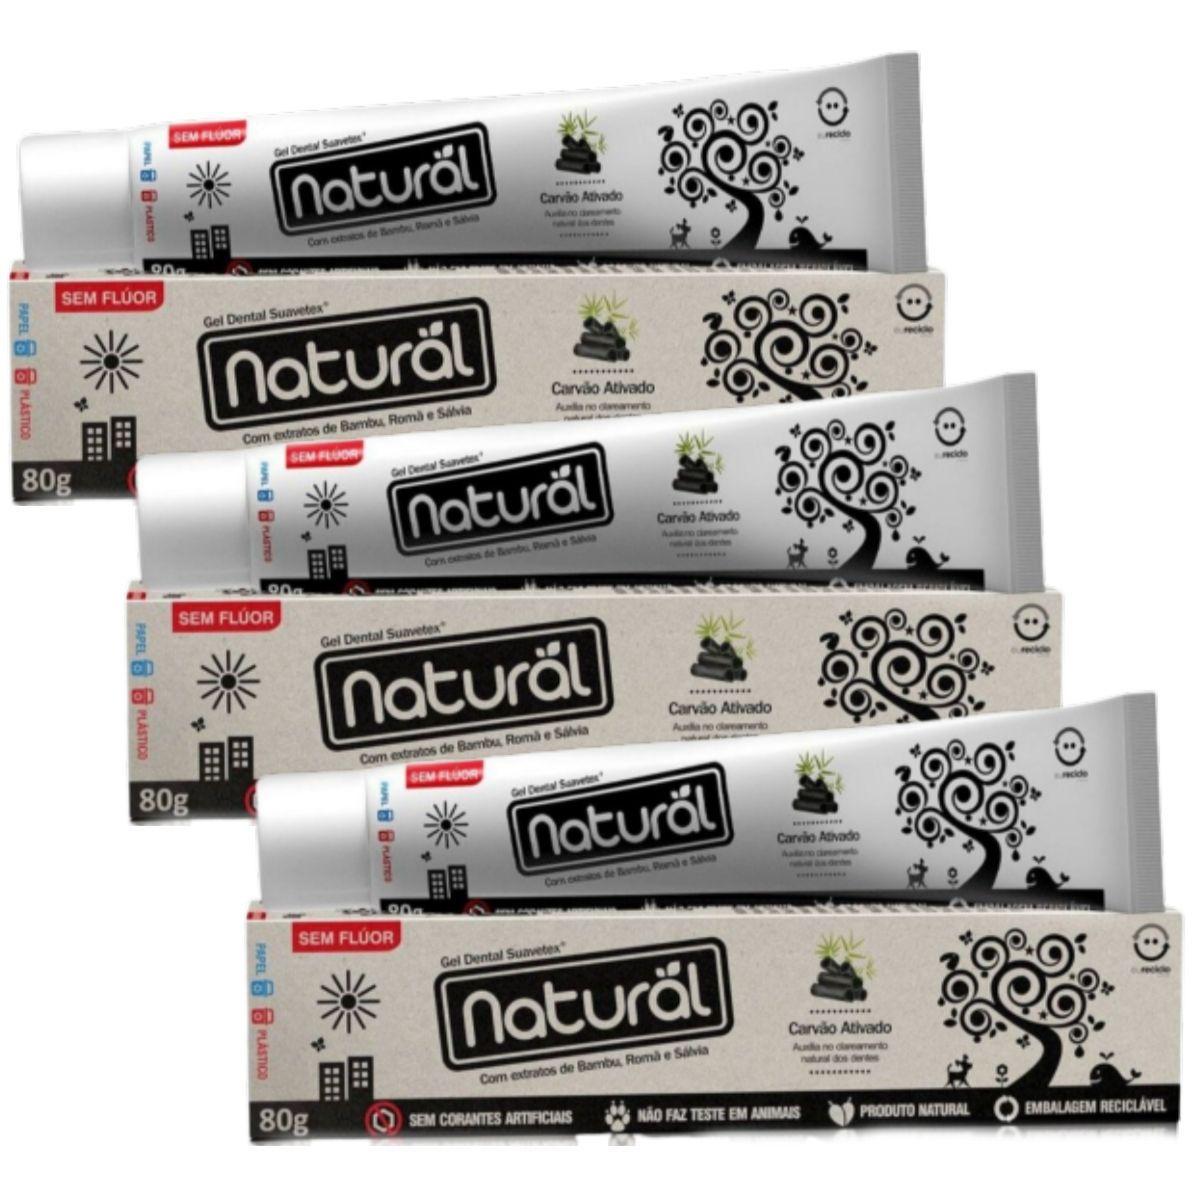 Kit 3 Creme Dental Suavetex Natural Carvão Ativado C/ Extratos de Bambu, Romã e Sálvia - 80g